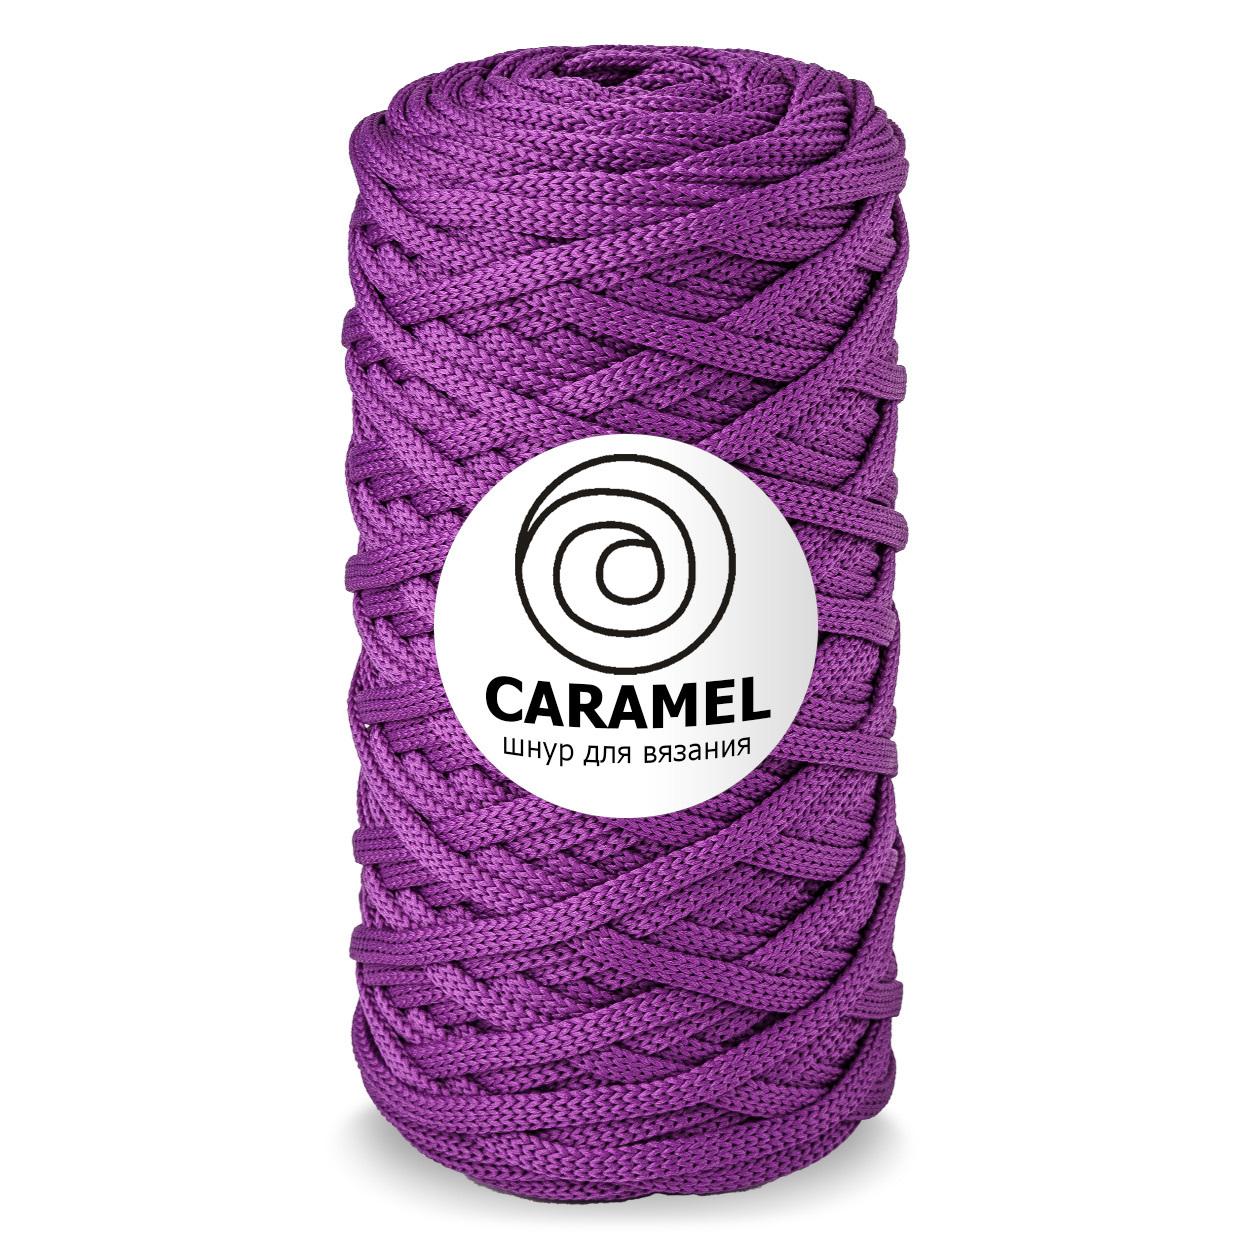 Плоский полиэфирный шнур Caramel Полиэфирный шнур Caramel Пурпурный new_image.jpeg